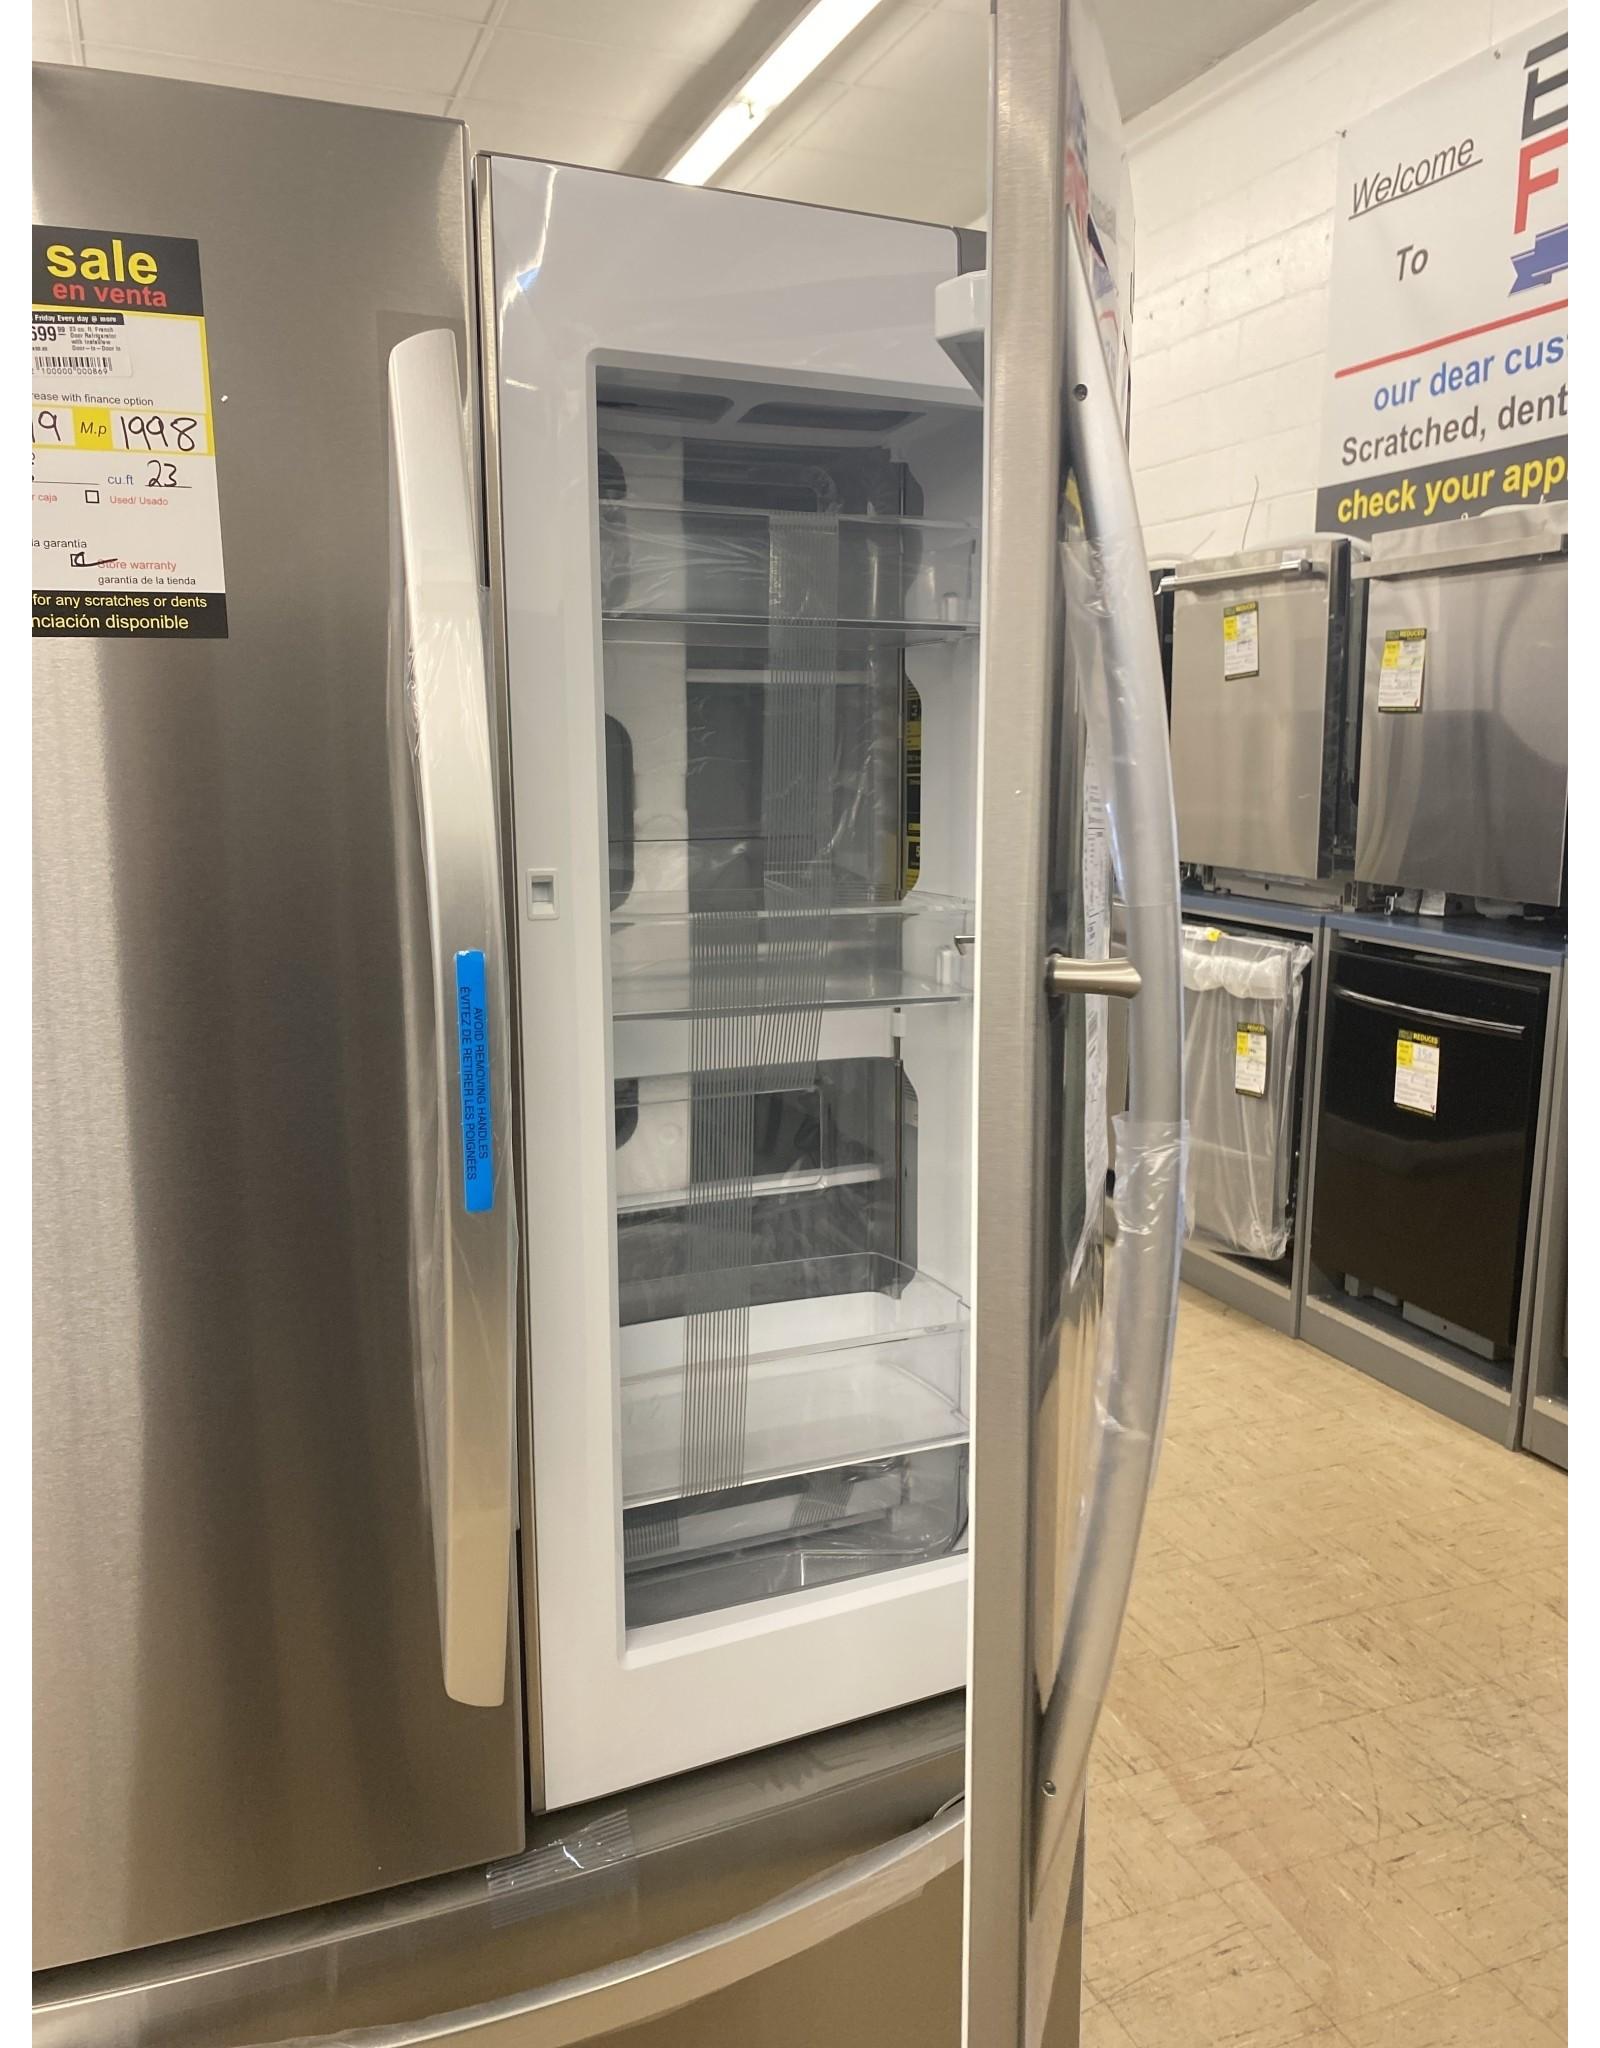 LG Electronics 23 cu. ft. French Door Refrigerator with InstaView Door-in-Door in PrintProof Stainless Steel, Counter Depth